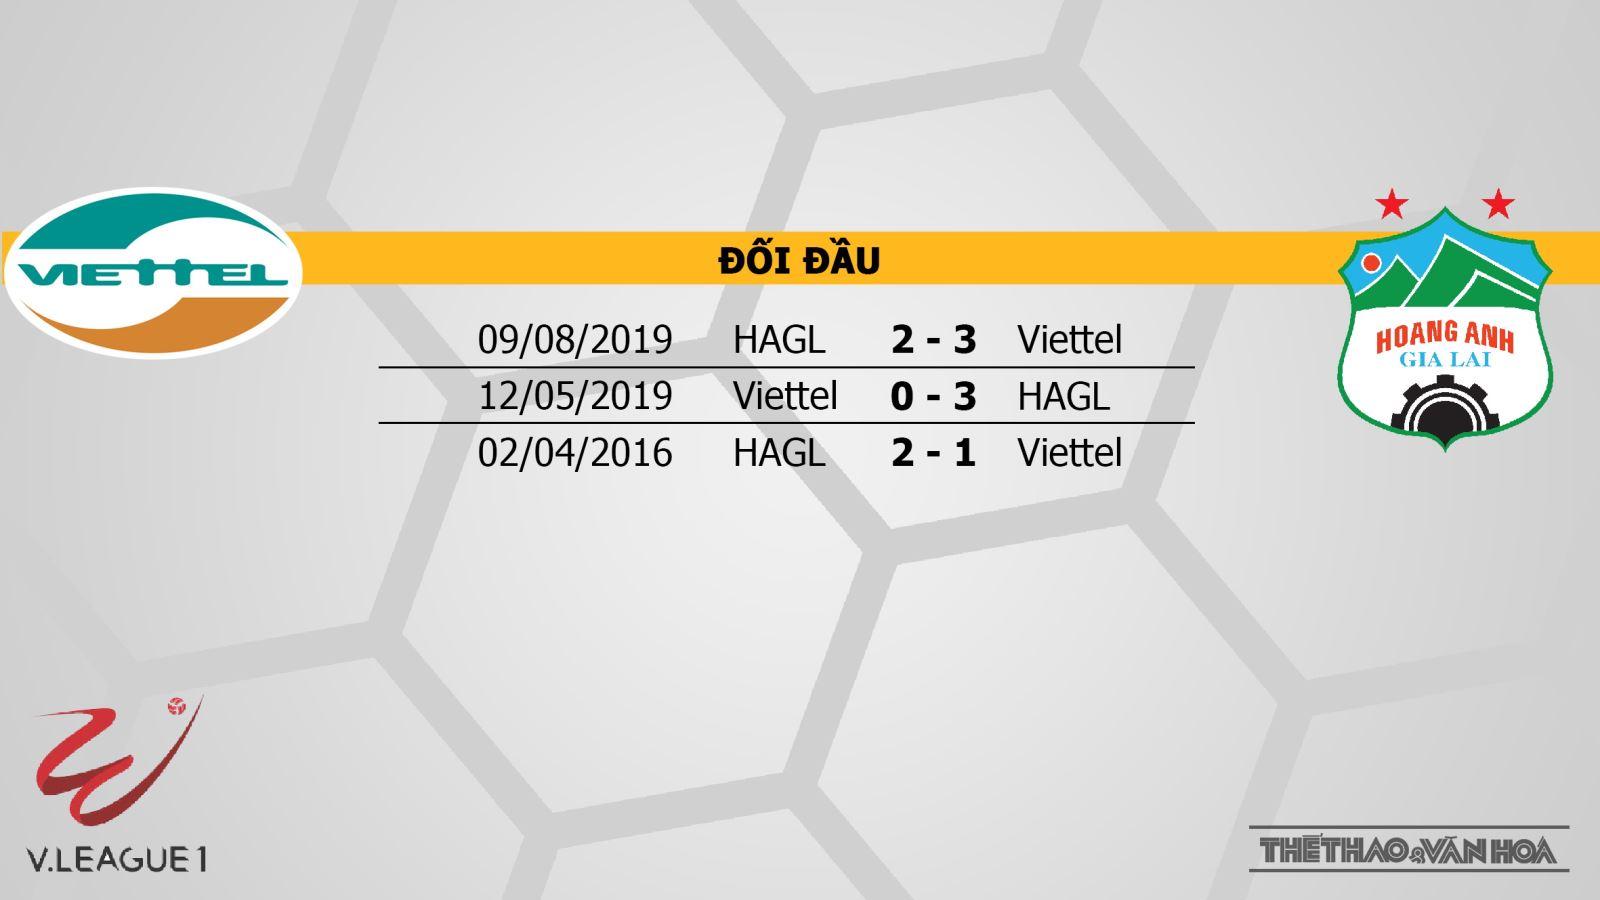 Keo nha cai, Viettel đấu với HAGL, BĐTV, VTV6, VTV5, truc tiep bong da hôm nay, xem BĐTV, HAGL, Viettel, Viettel vs HAGL, xem bóng đá trực tuyến, soi kèo nhà cái, V League